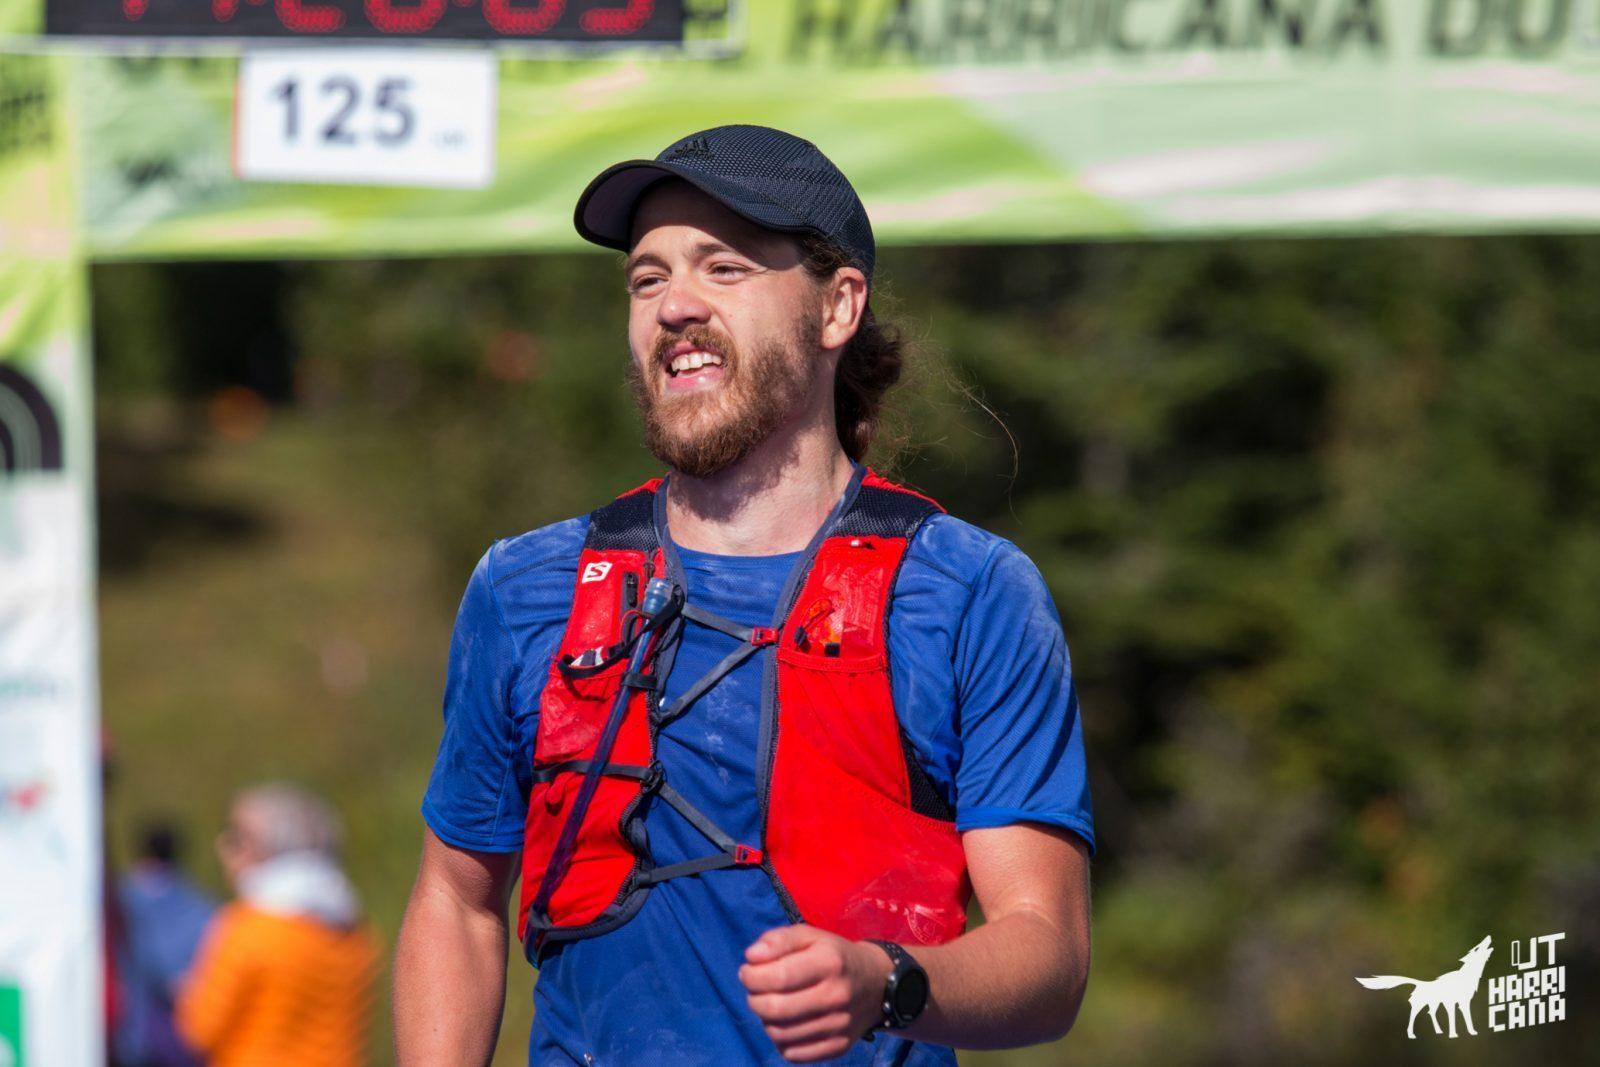 La santé comme thème de l'Ultra-Trail Harricana2019